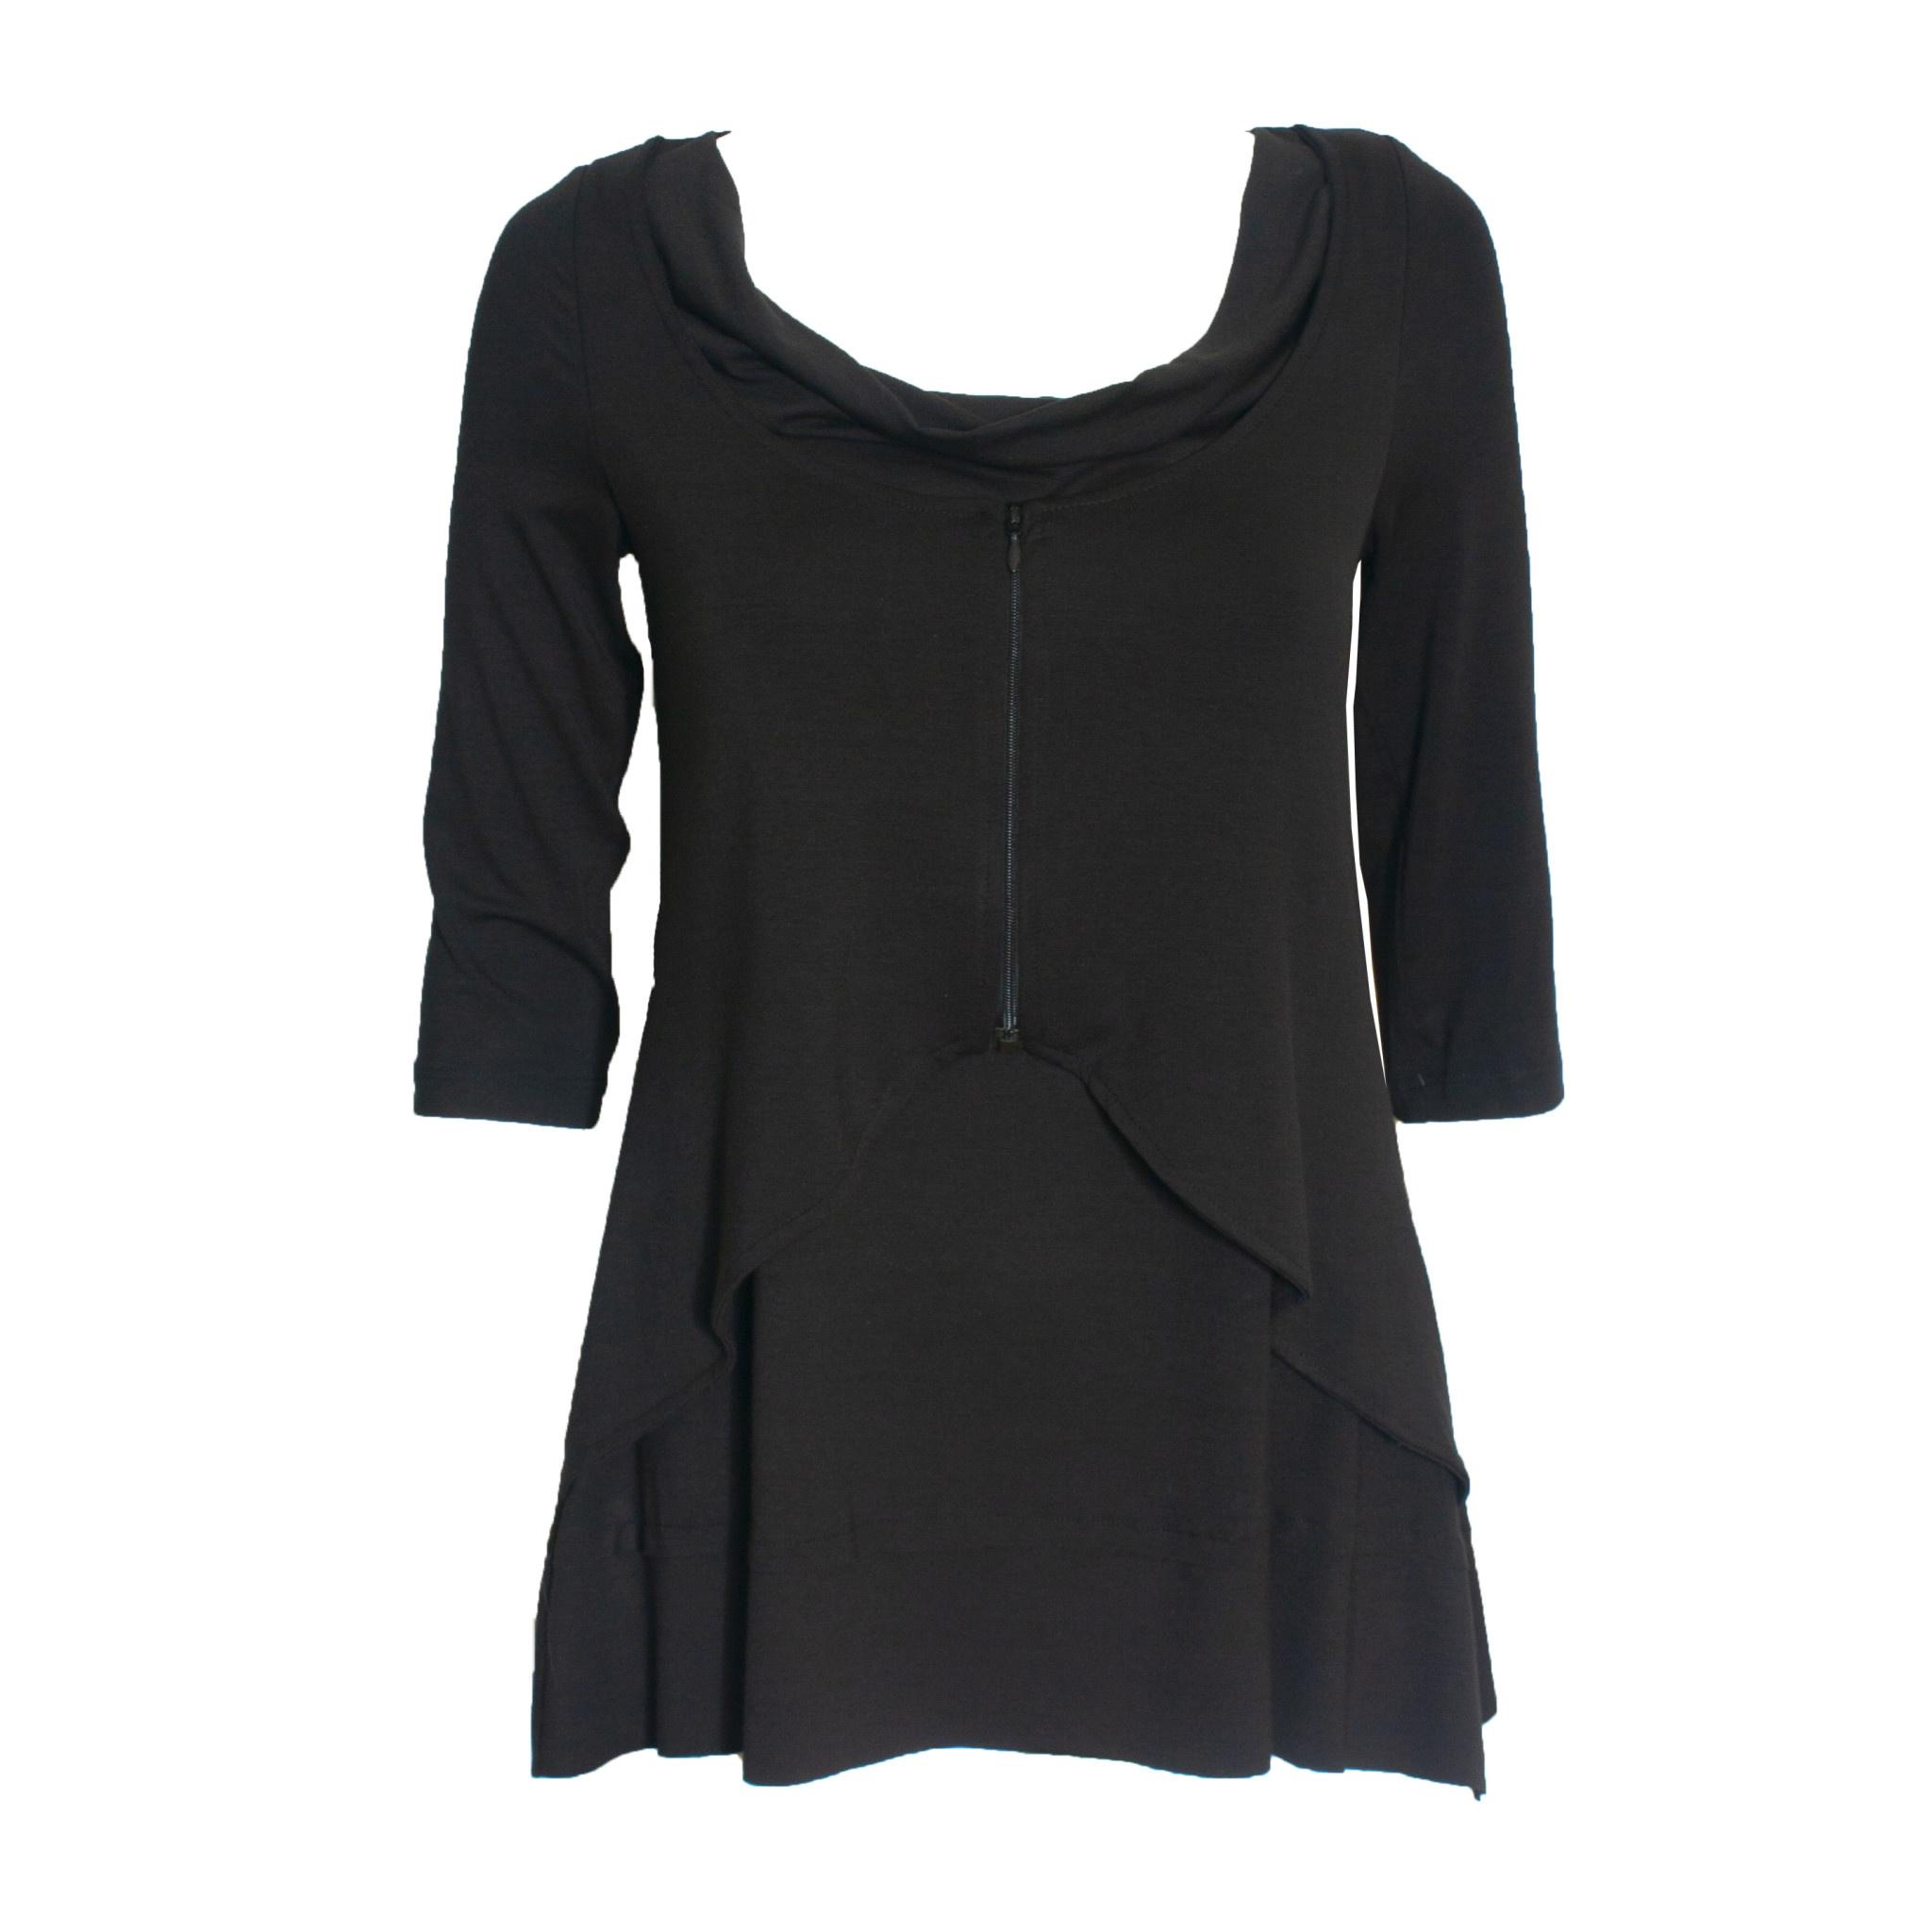 Ingrid Munt Ingrid Munt Zip Layer Top - Black